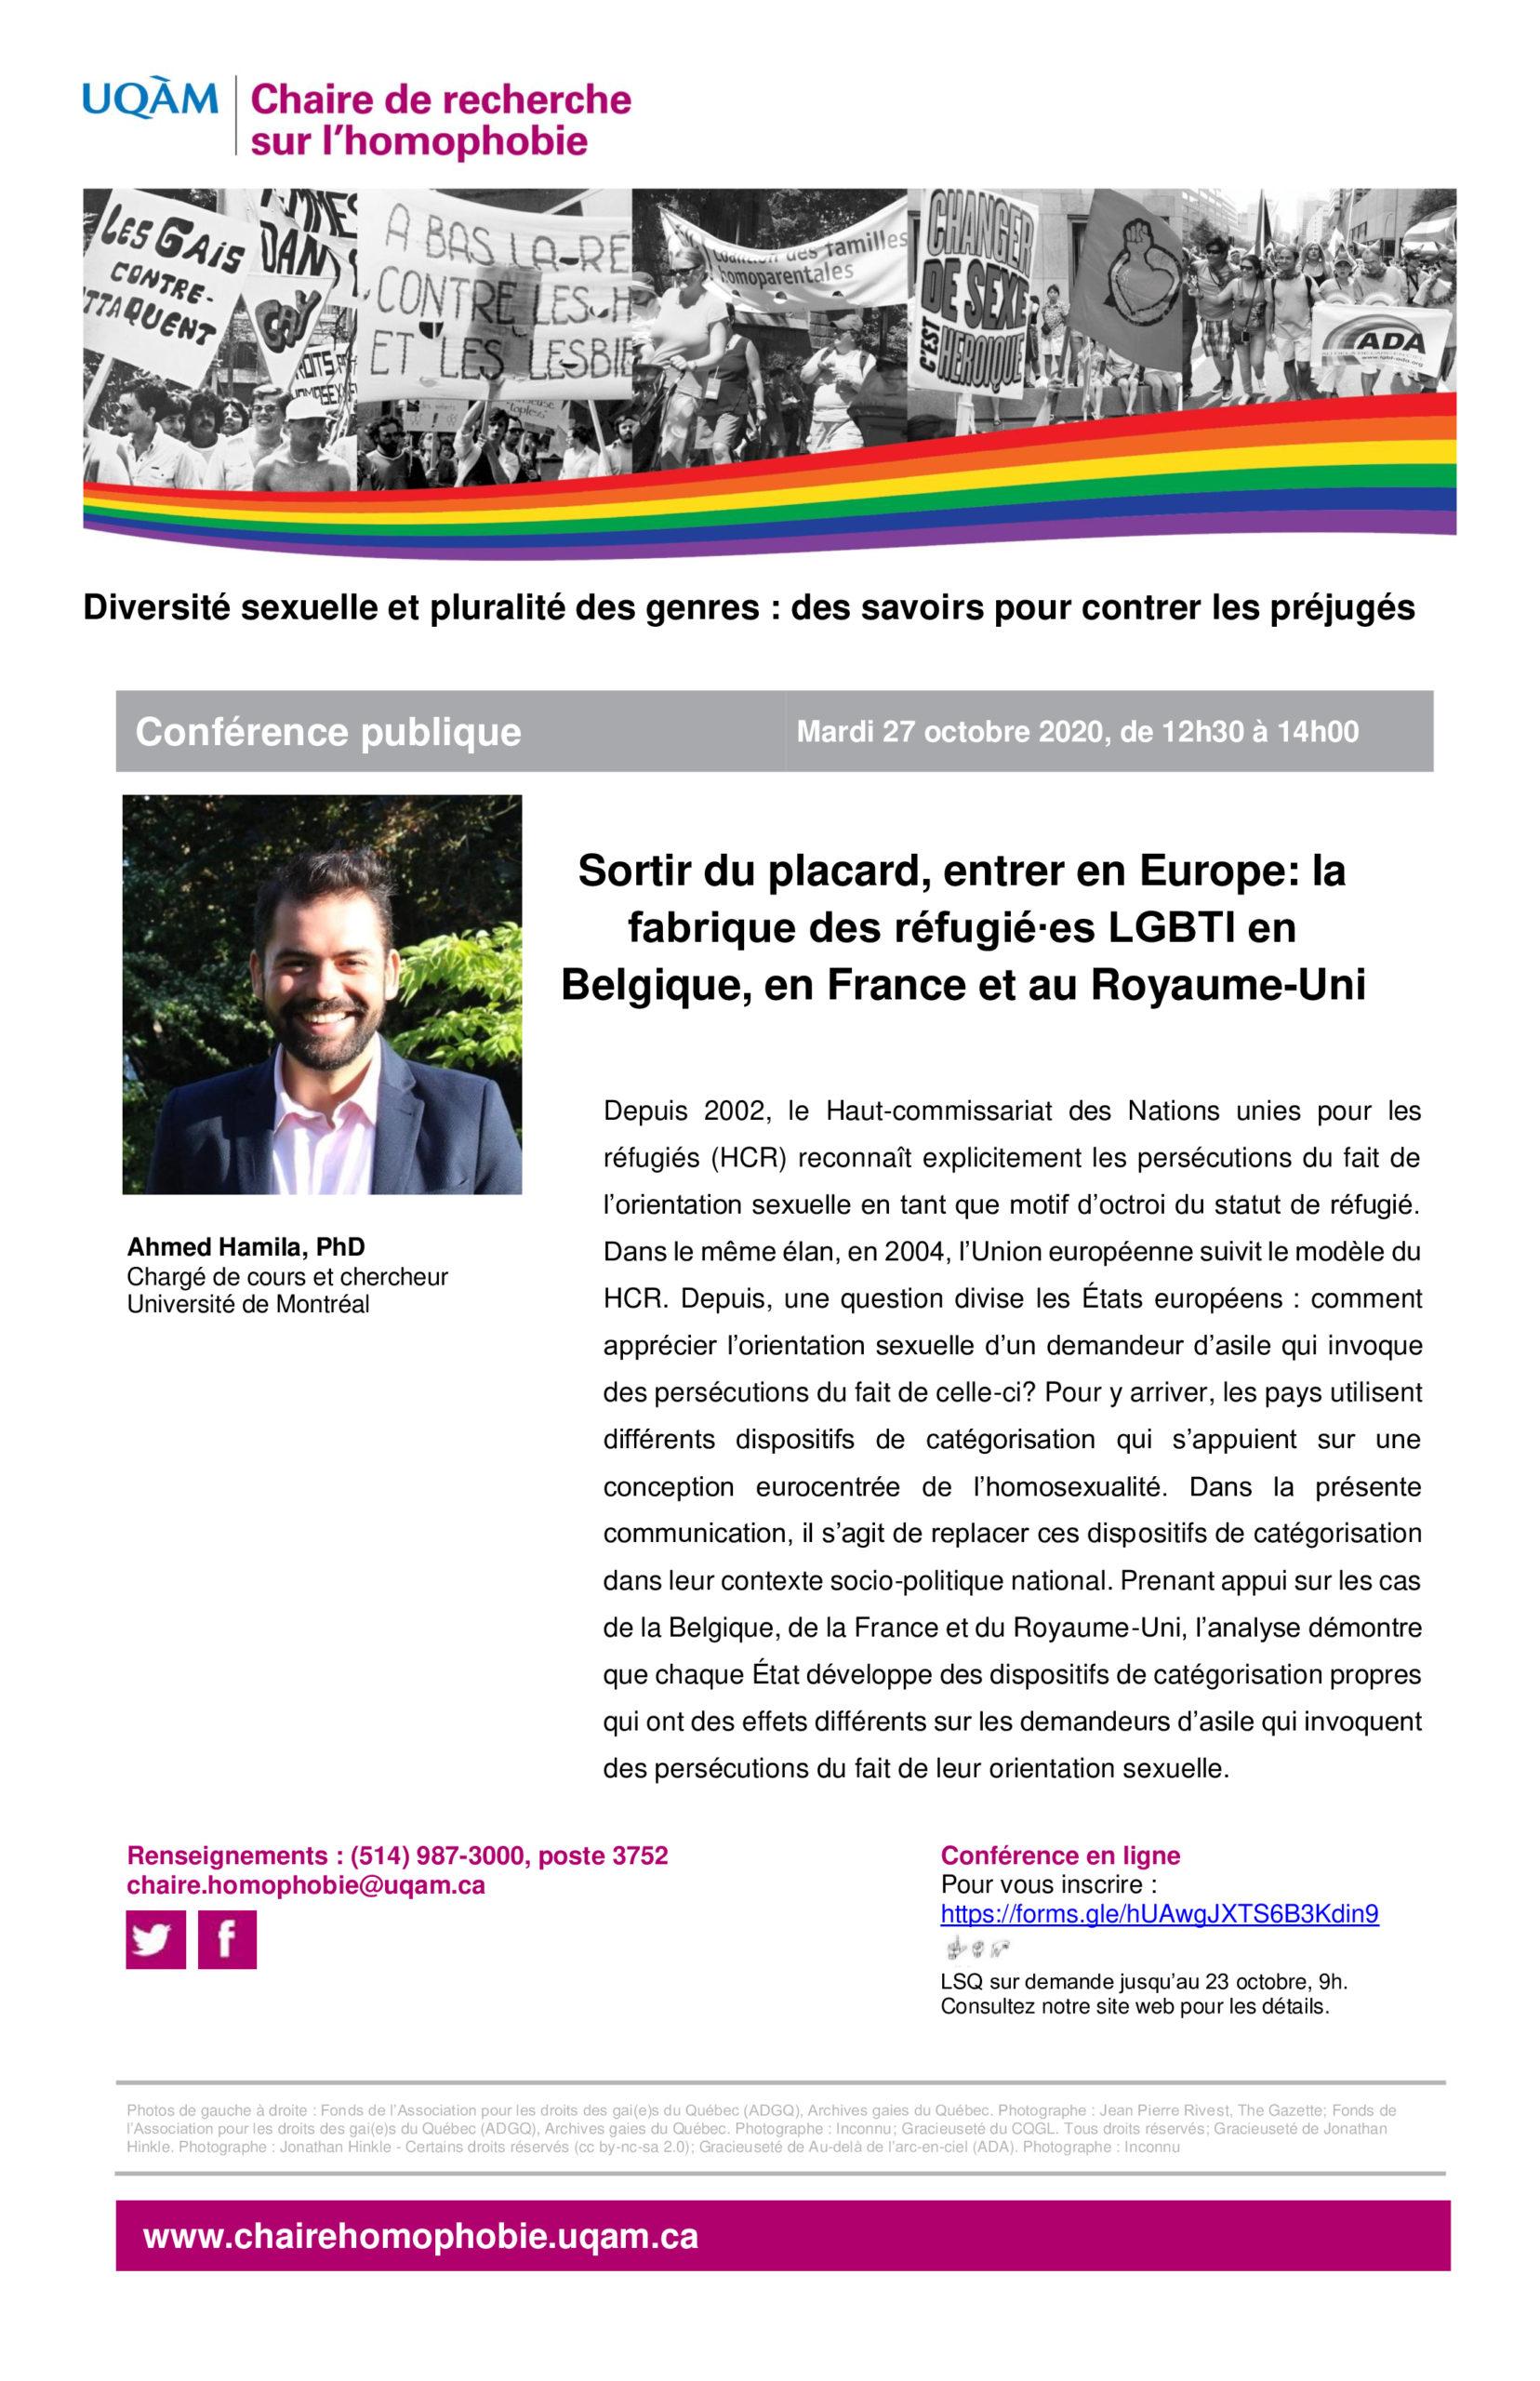 CONFÉRENCE PUBLIQUE | Sortir du placard, entrer en Europe: la fabrique des réfugié∙es LGBTI en Belgique, en France et au Royaume-Uni